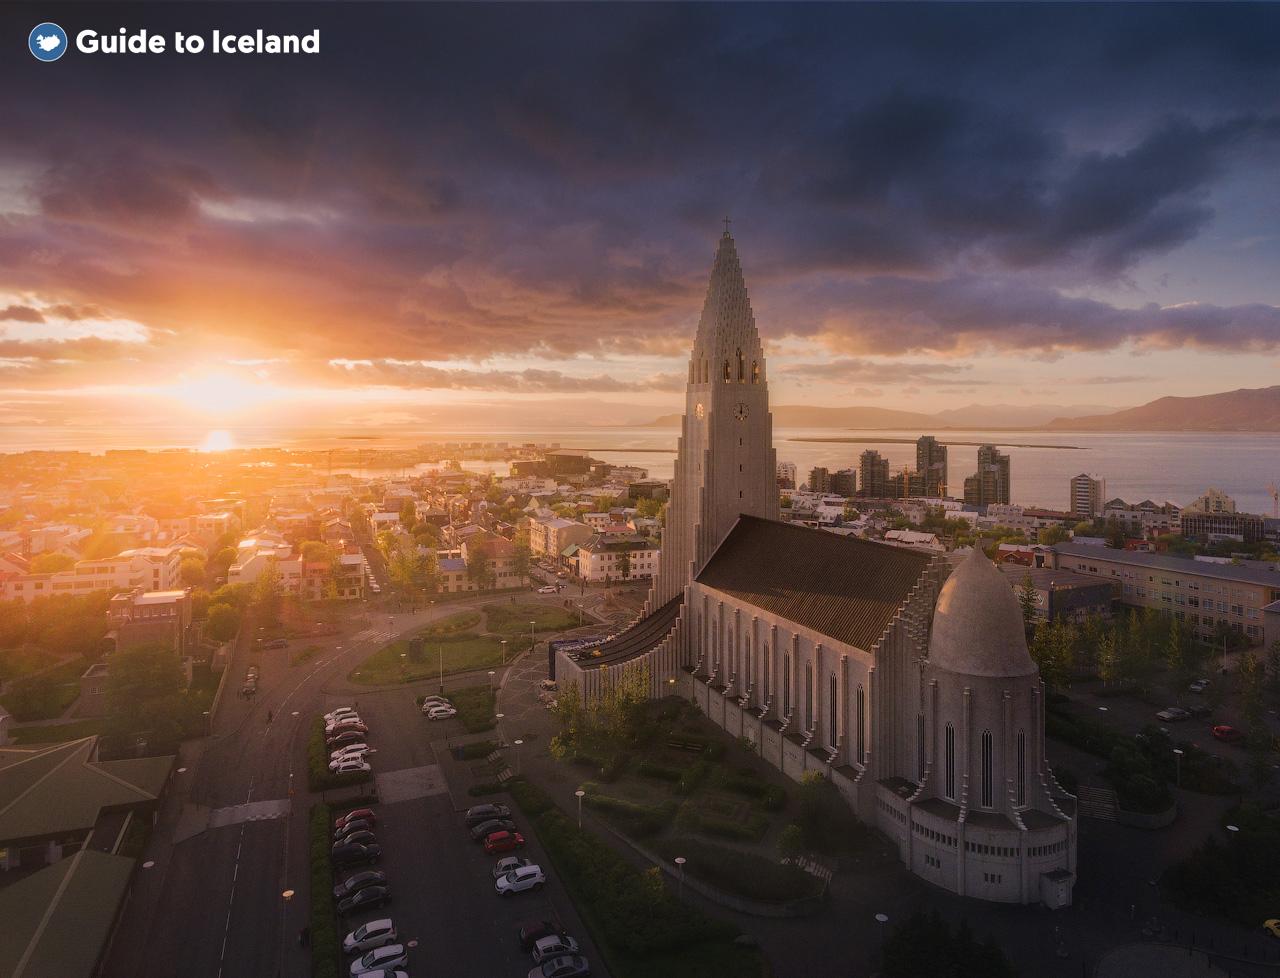 De hoofdstad van IJsland, Reykjavík, is beroemd om de veelkleurige daken.